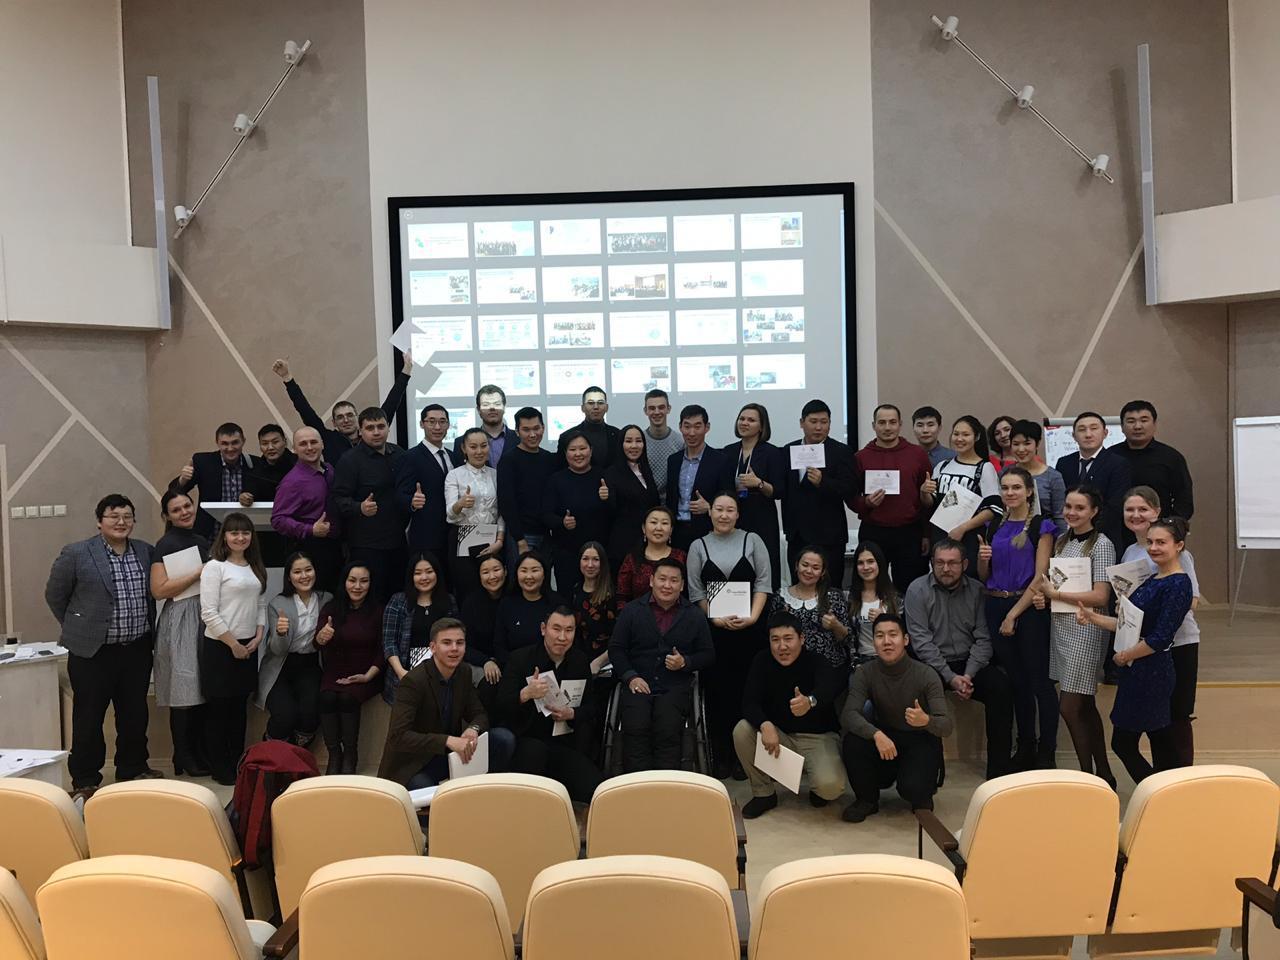 «Якутия 2035»: молодые экономисты заглянут в будущее